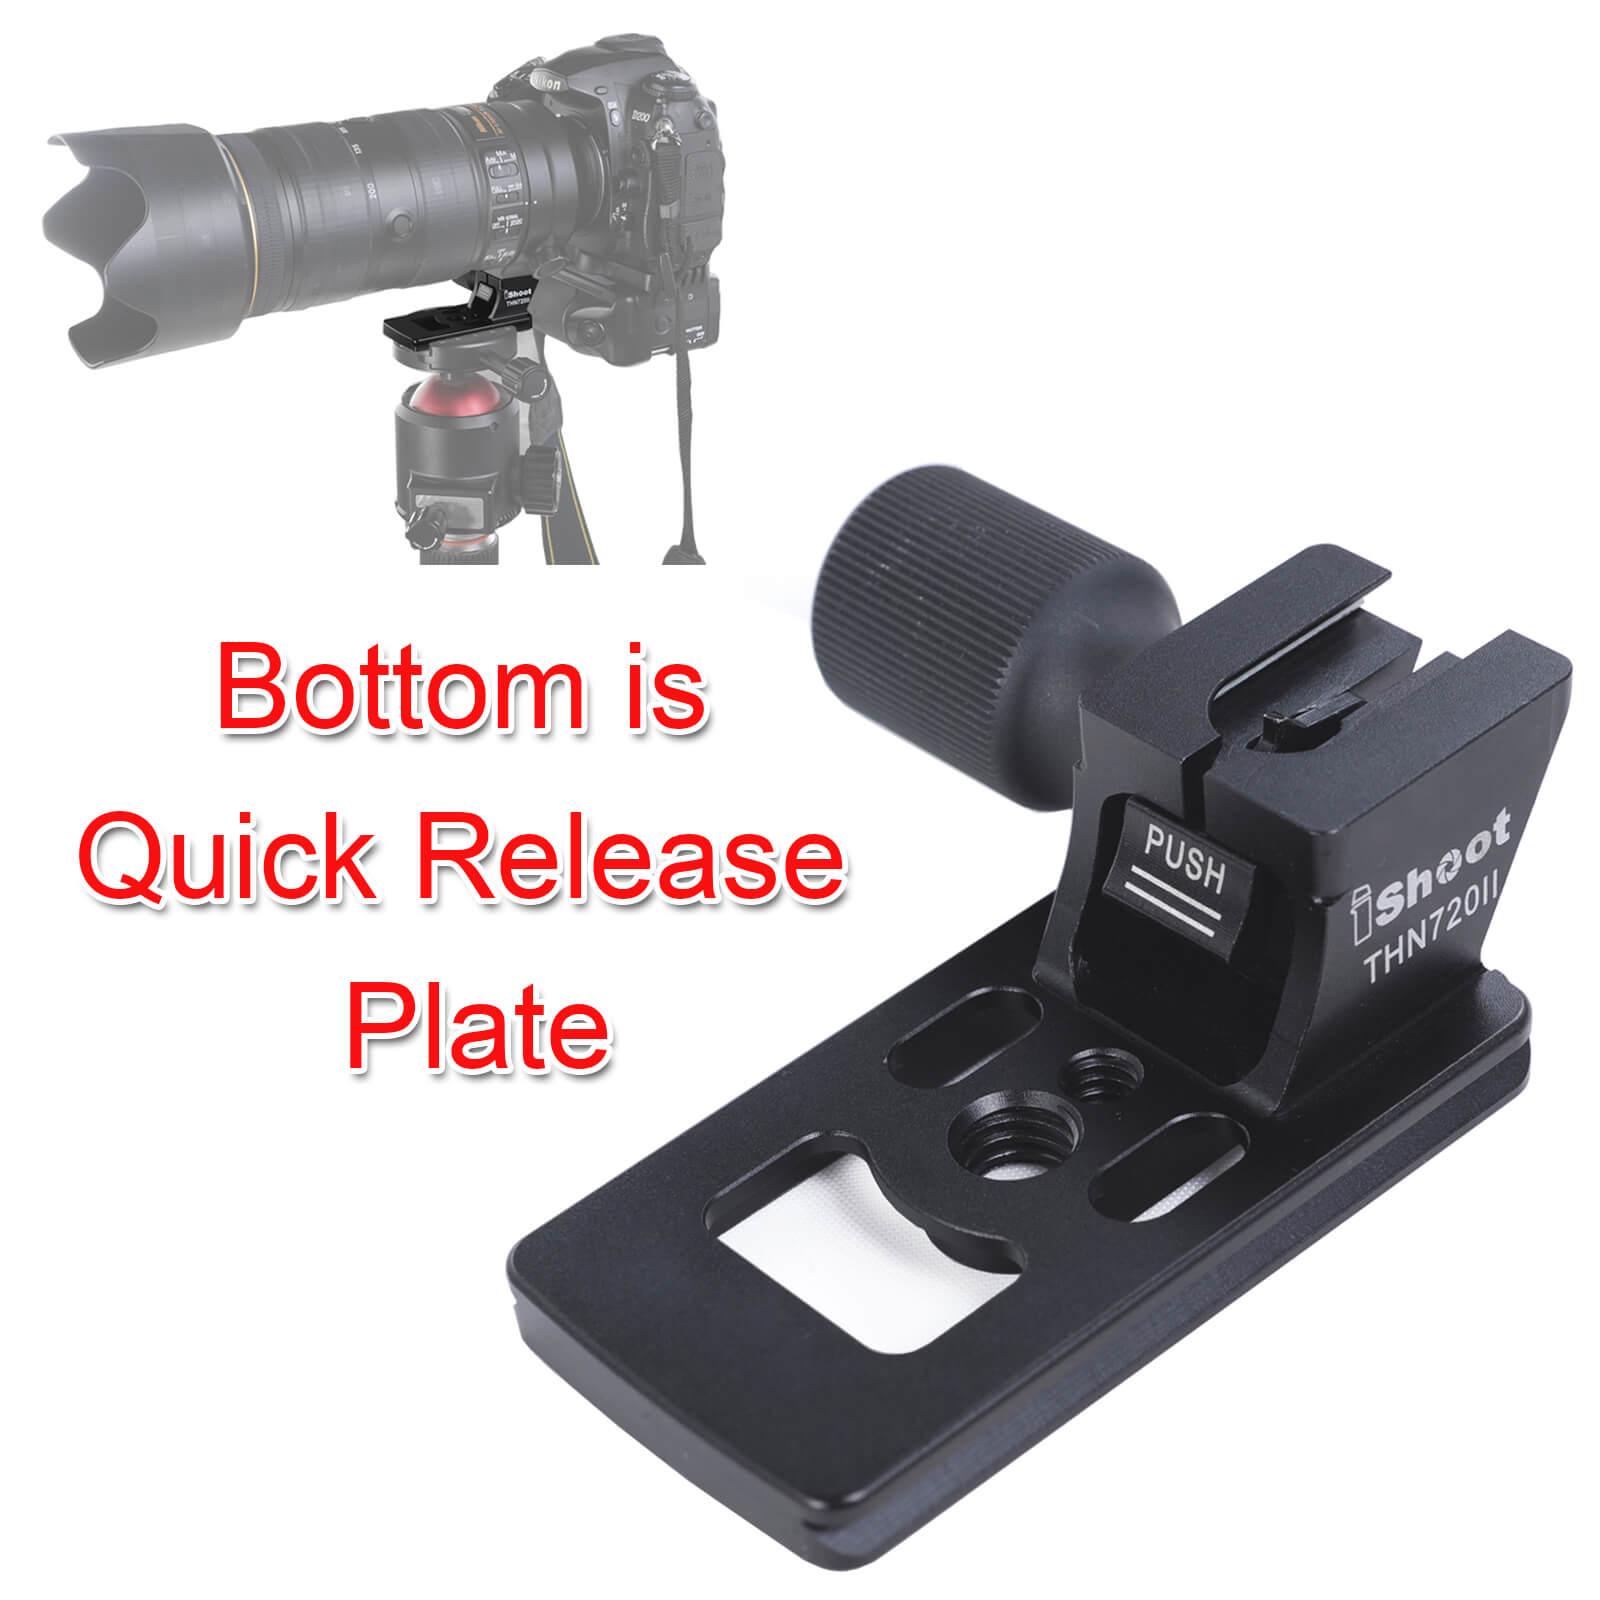 Крепление для объектива опорное кольцо для штатива запасная ножка с быстроразъемной пластиной типа Arca для Nikon AF-S 70-200 мм f/2.8E FL ED VR